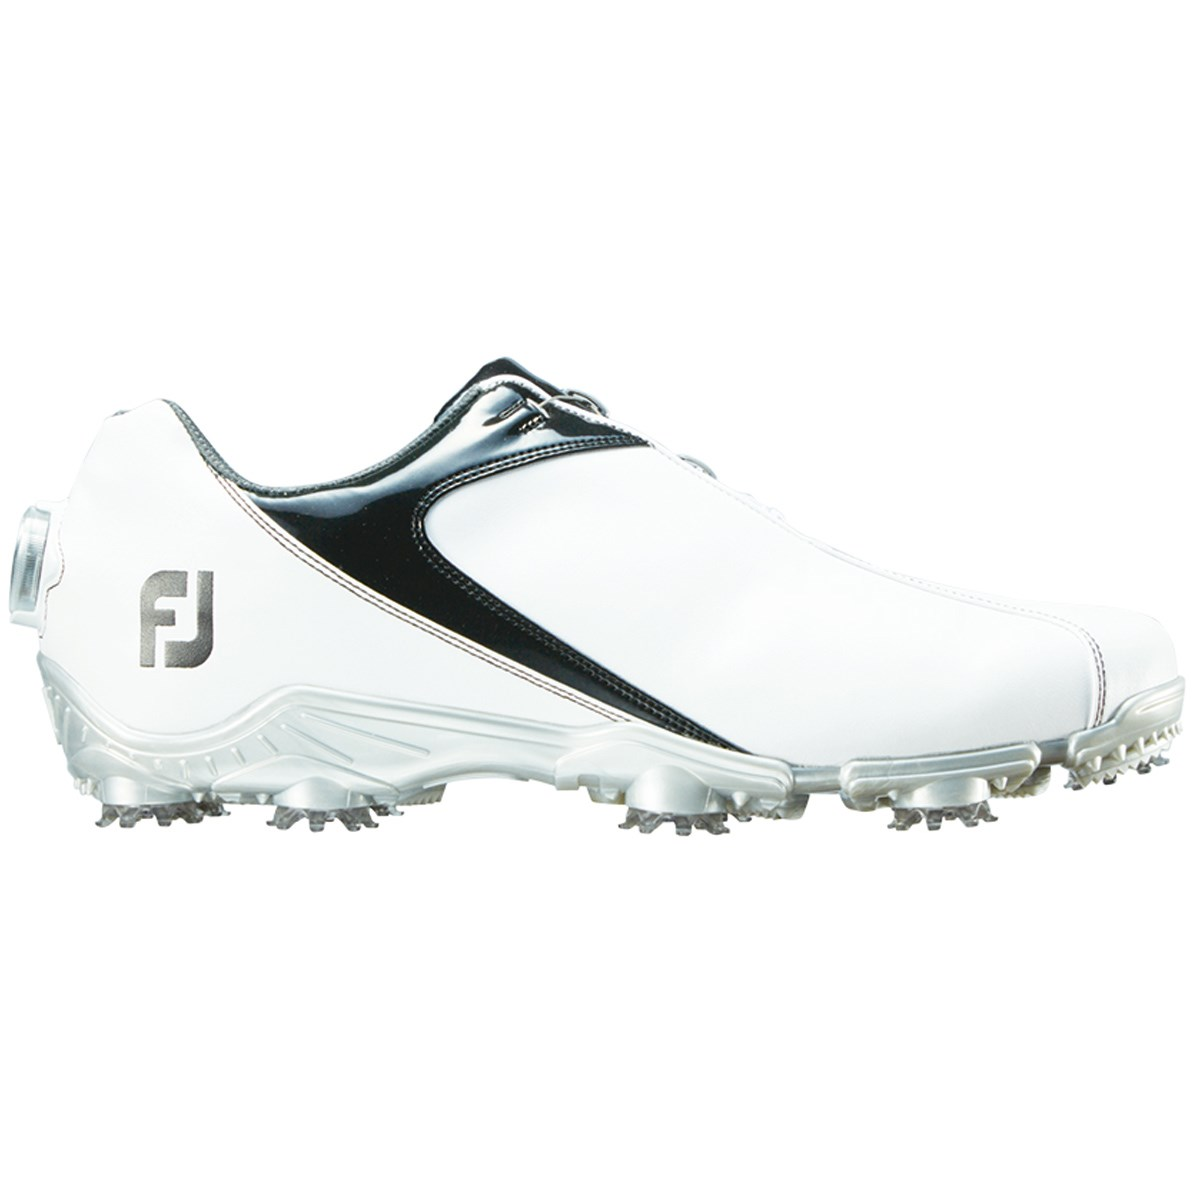 フットジョイ Foot Joy スポーツ Boa シューズ 24.5cm ホワイト/ブラック